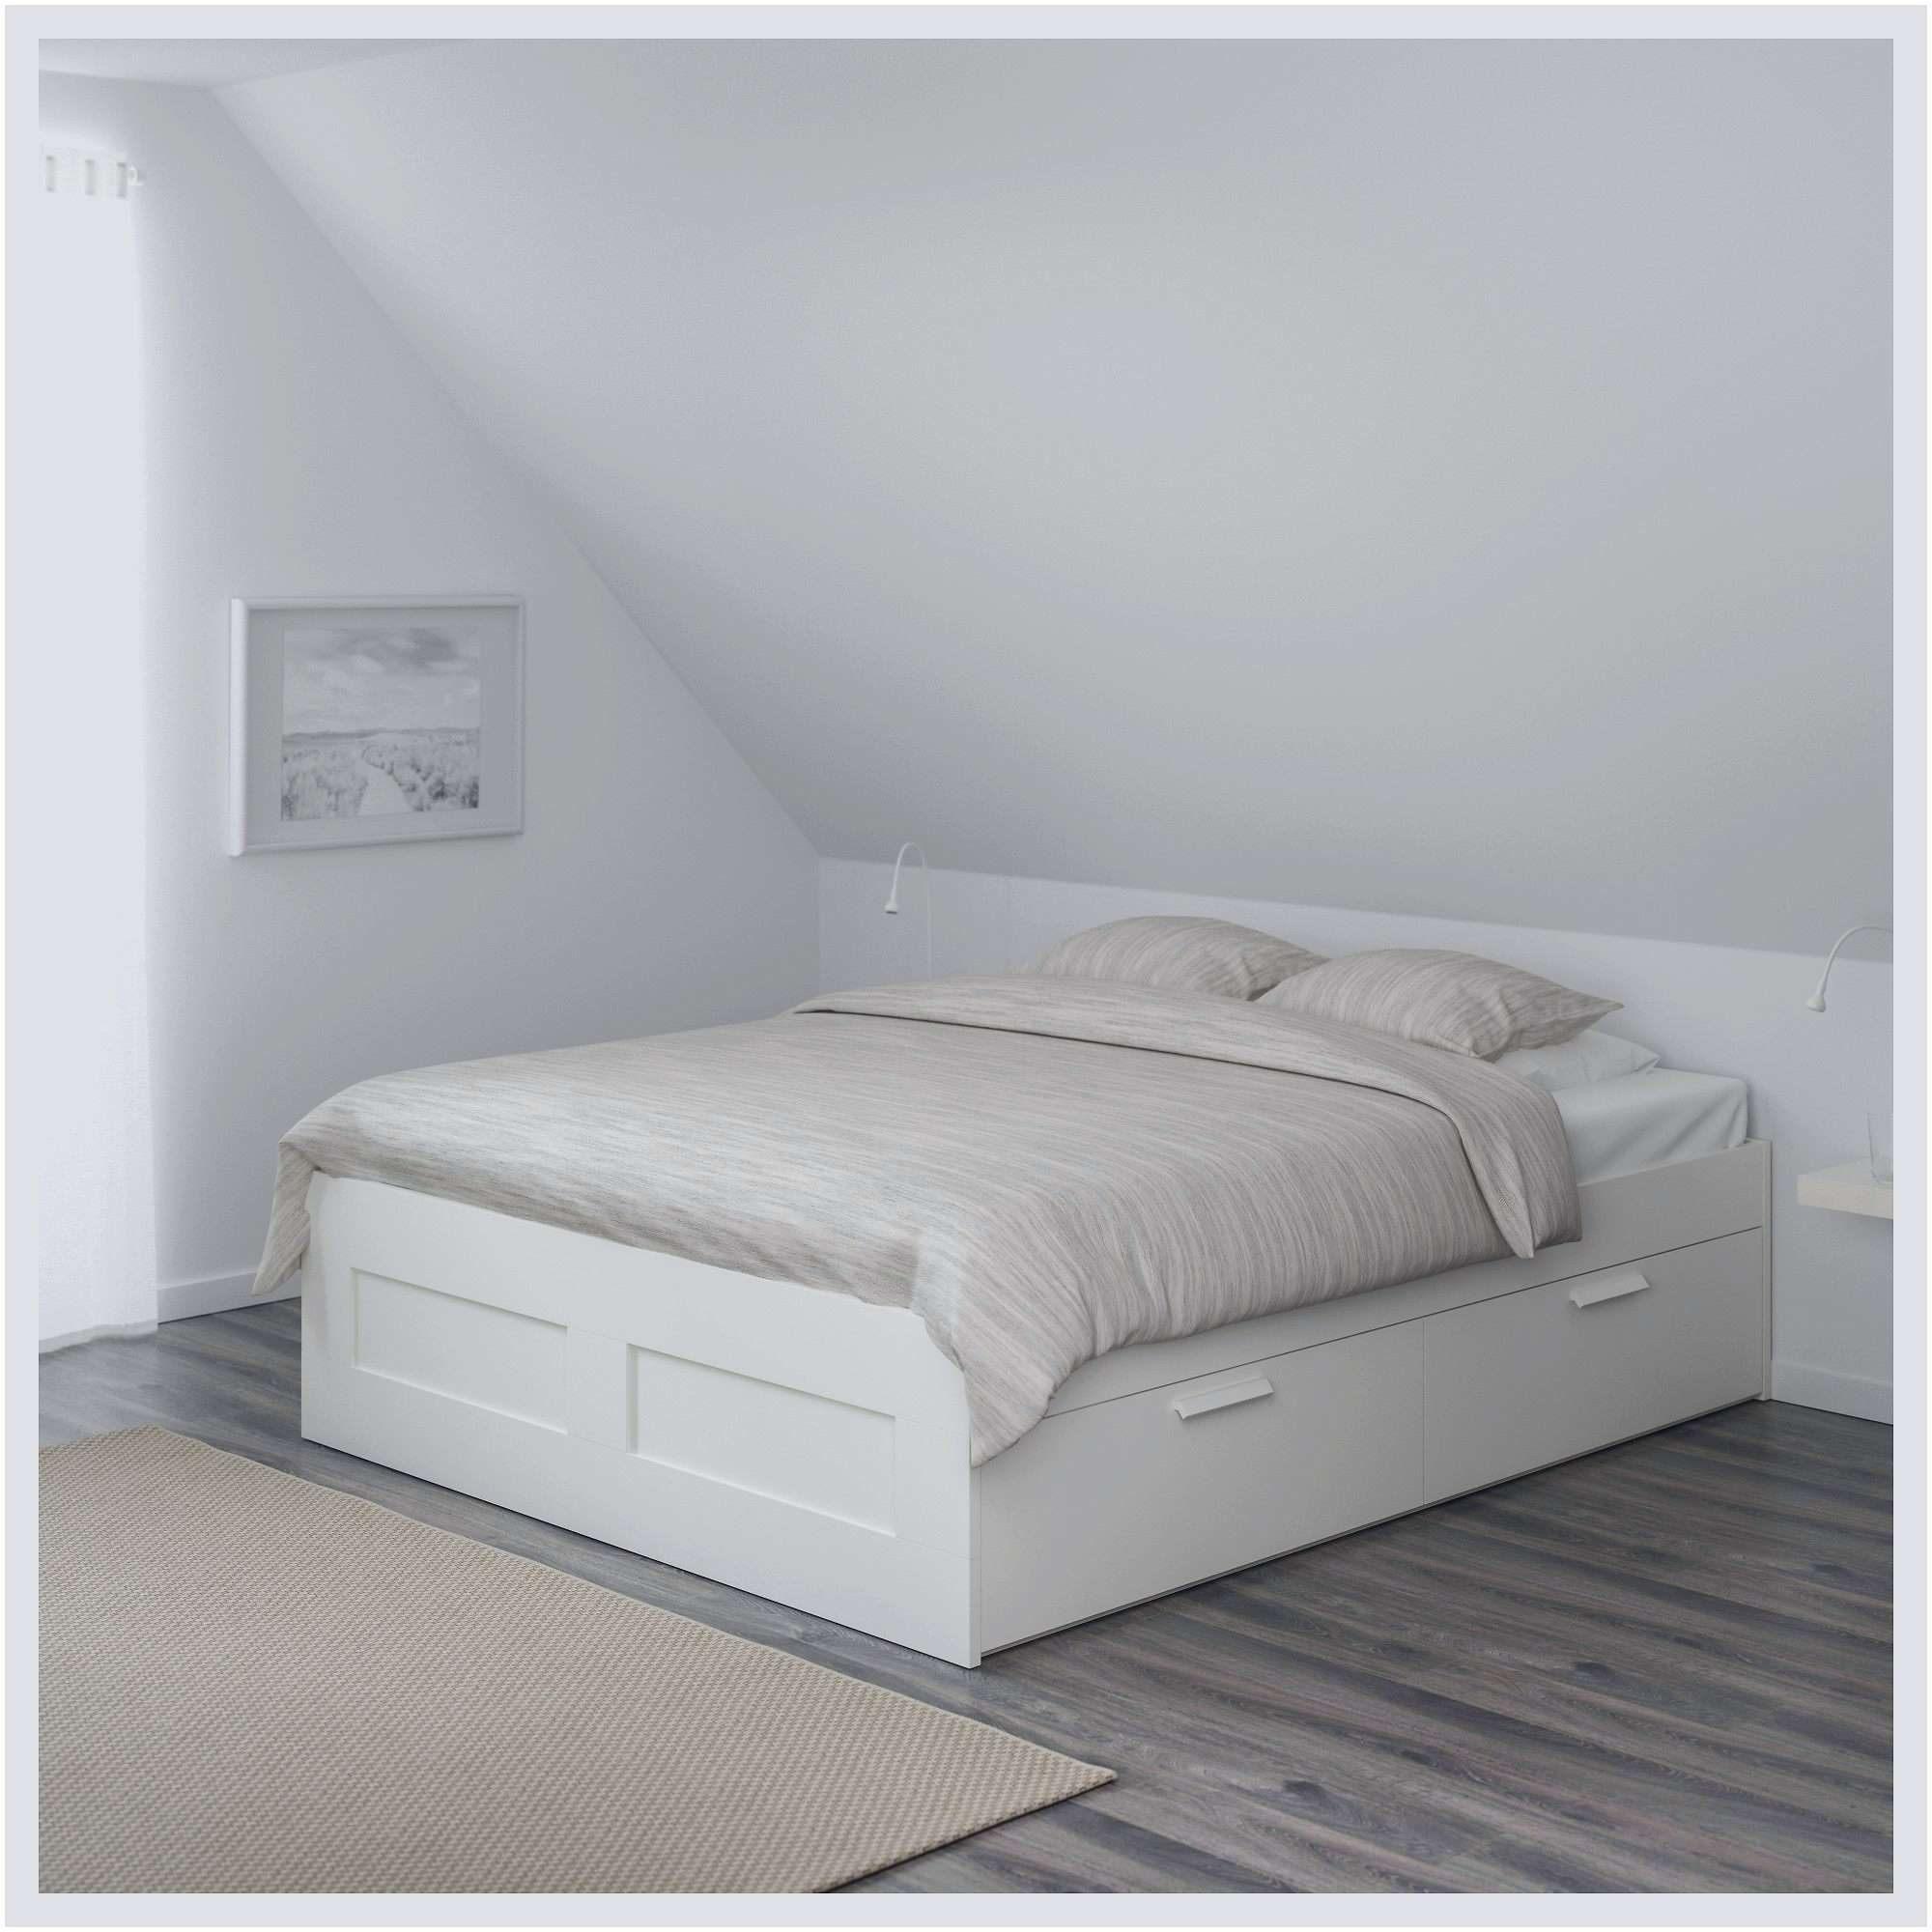 Ikea Lit 120×190 Inspirant Elégant Matras 120—200 Ikea Luxe Jugendbett 120—200 Ikea Frisch Lit